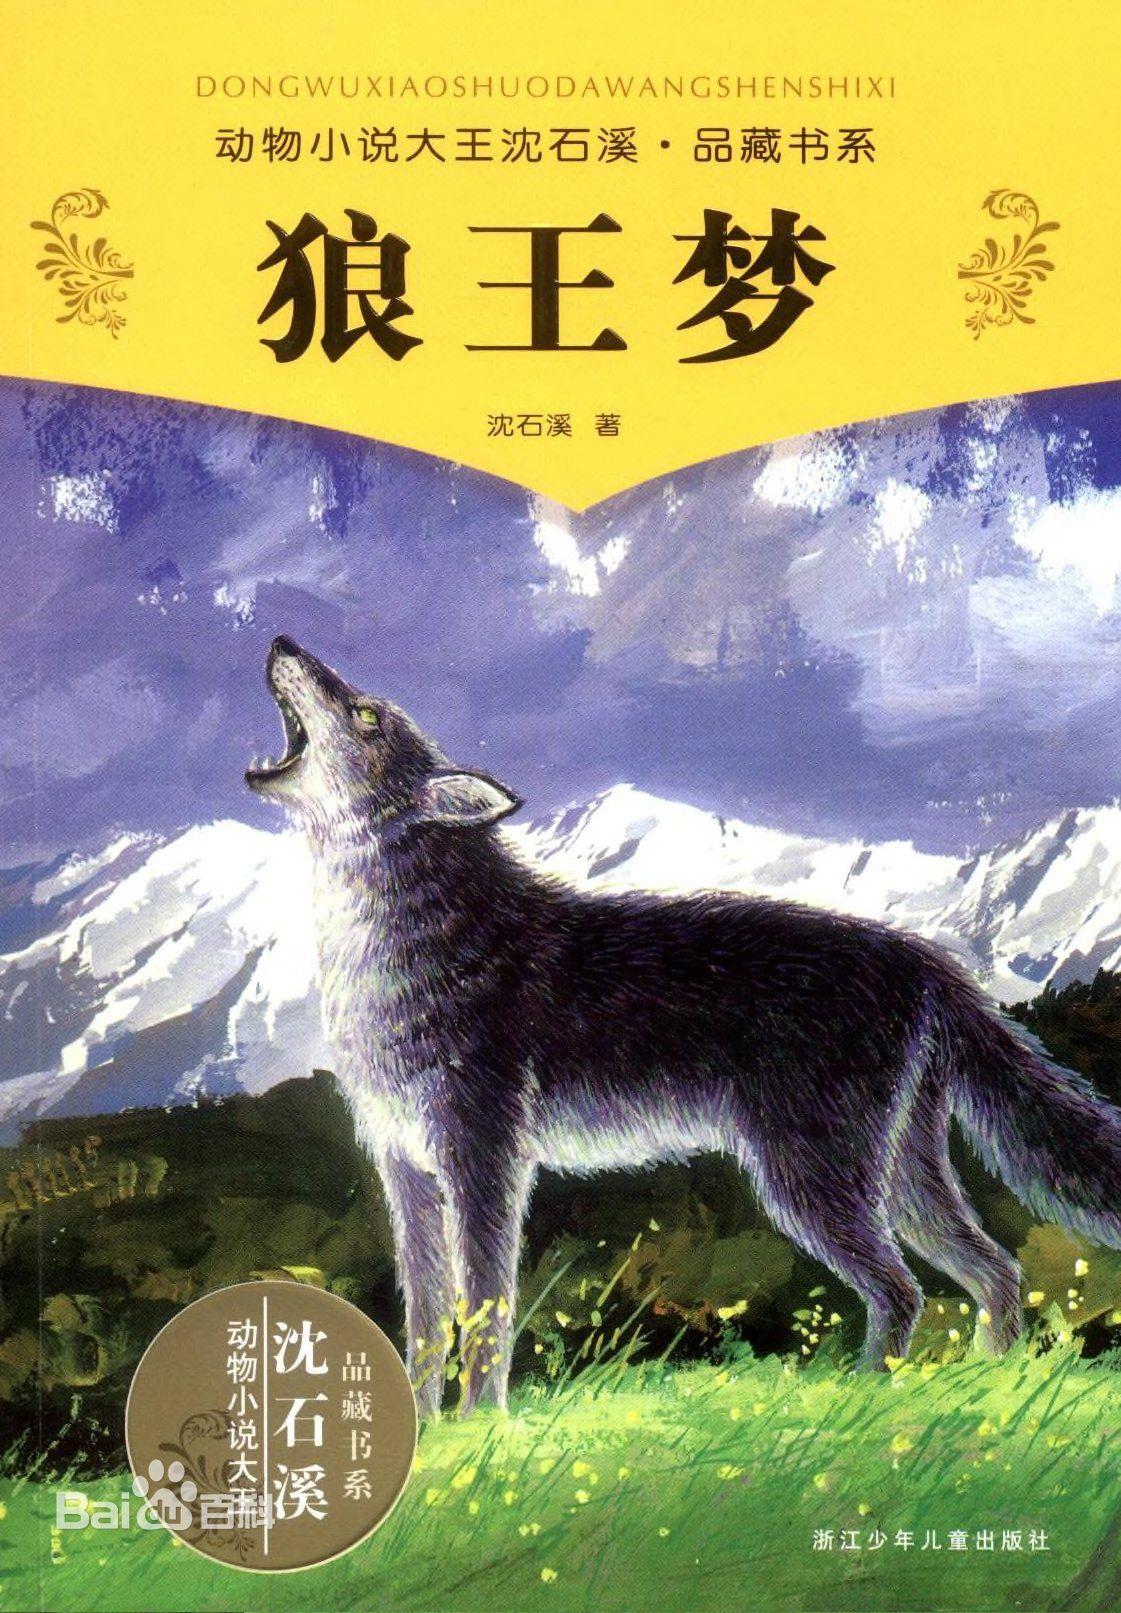 【动物小说大王沈石溪品藏书系《狼王梦》】在线收听